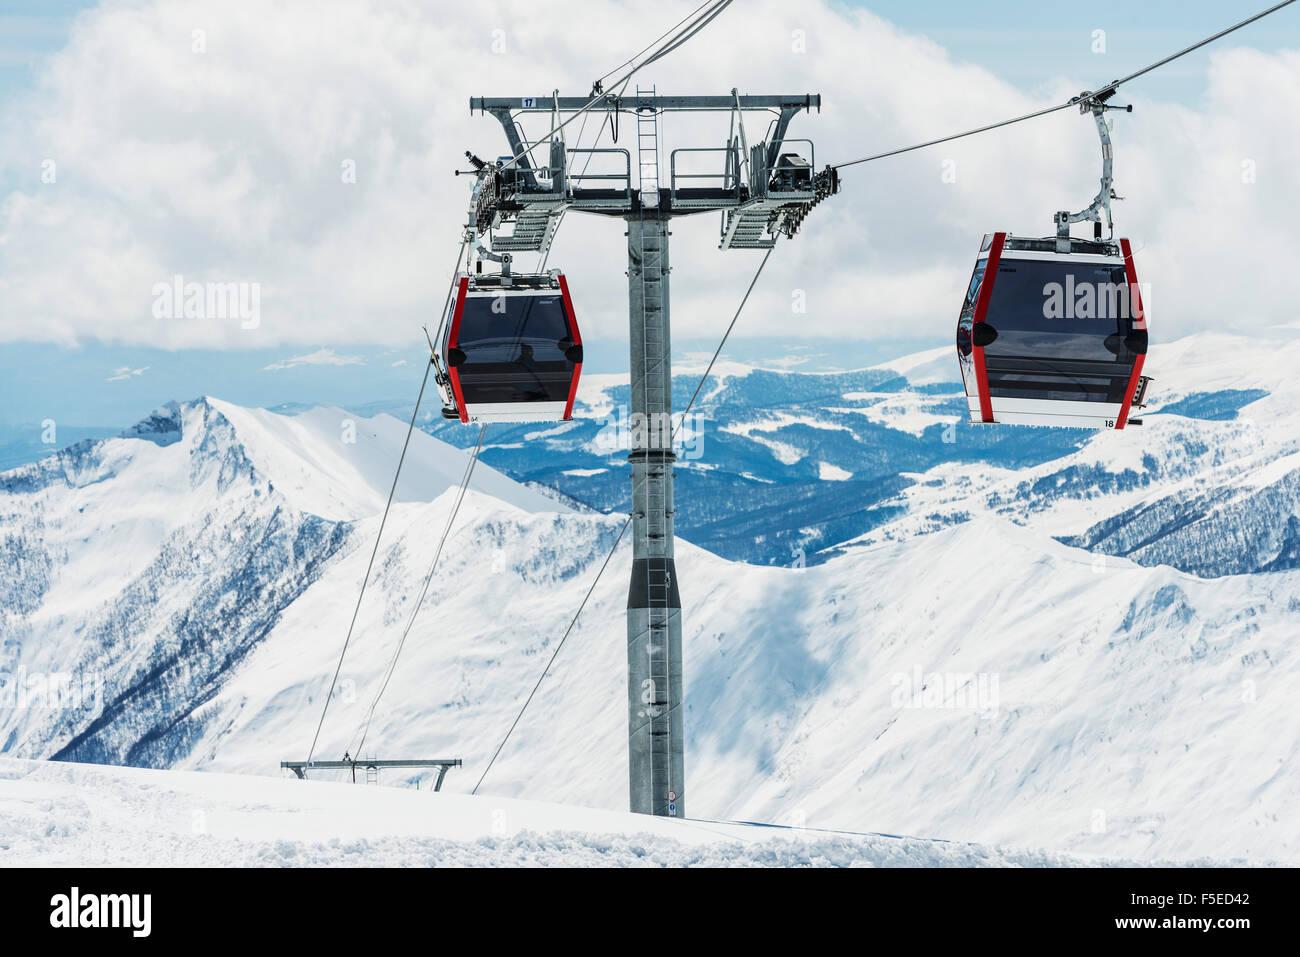 Gondola lift, Gudauri ski resort, Georgia, Caucasus region, Central Asia, Asia - Stock Image